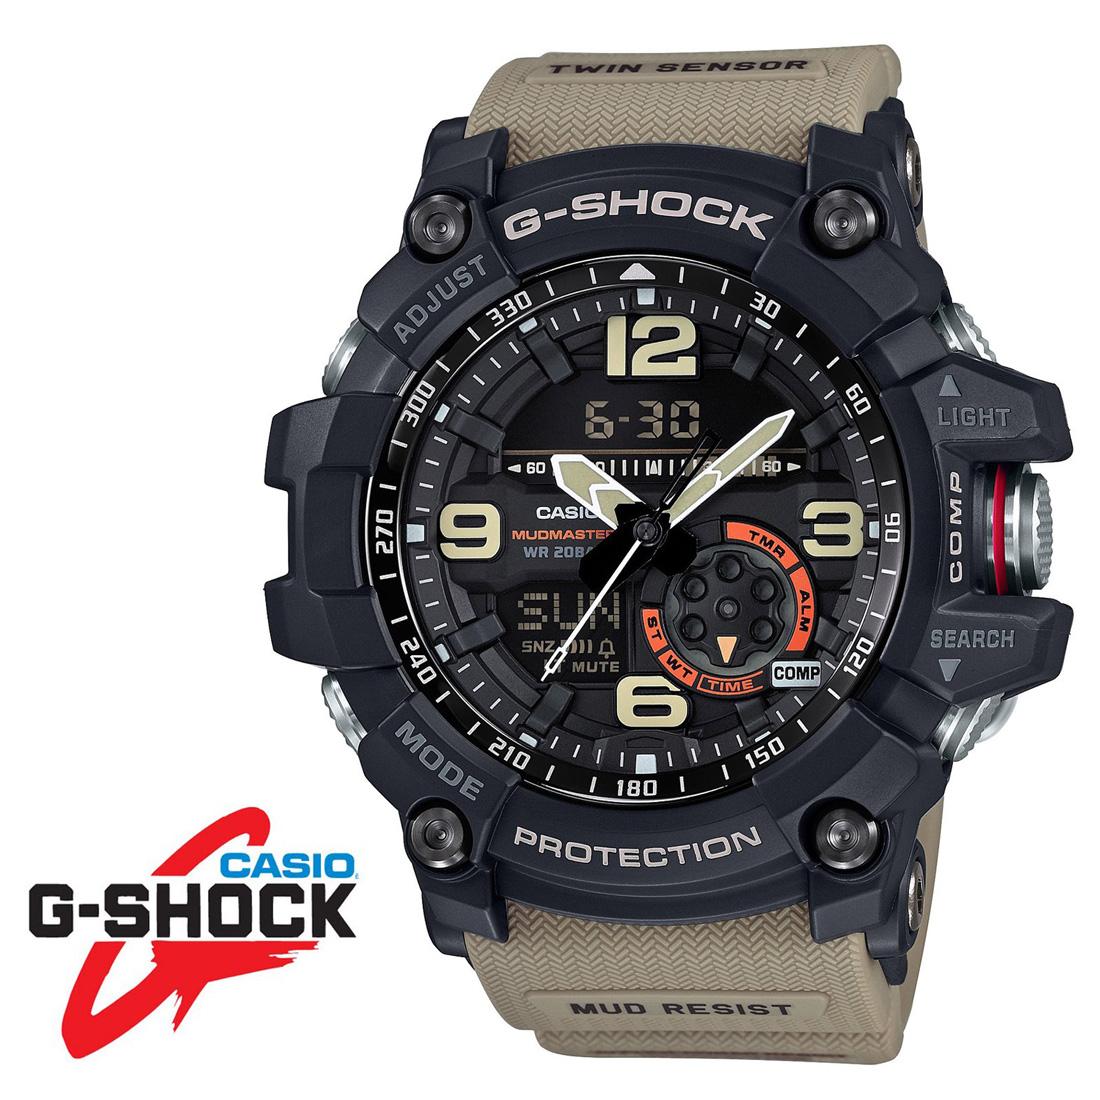 送料込! CASIO [カシオ] G-SHOCK Gショック マッドマスター GG-1000-1A5 カーキ ラバーベルト [メンズ腕時計][メンズウォッチ][並行輸入品]